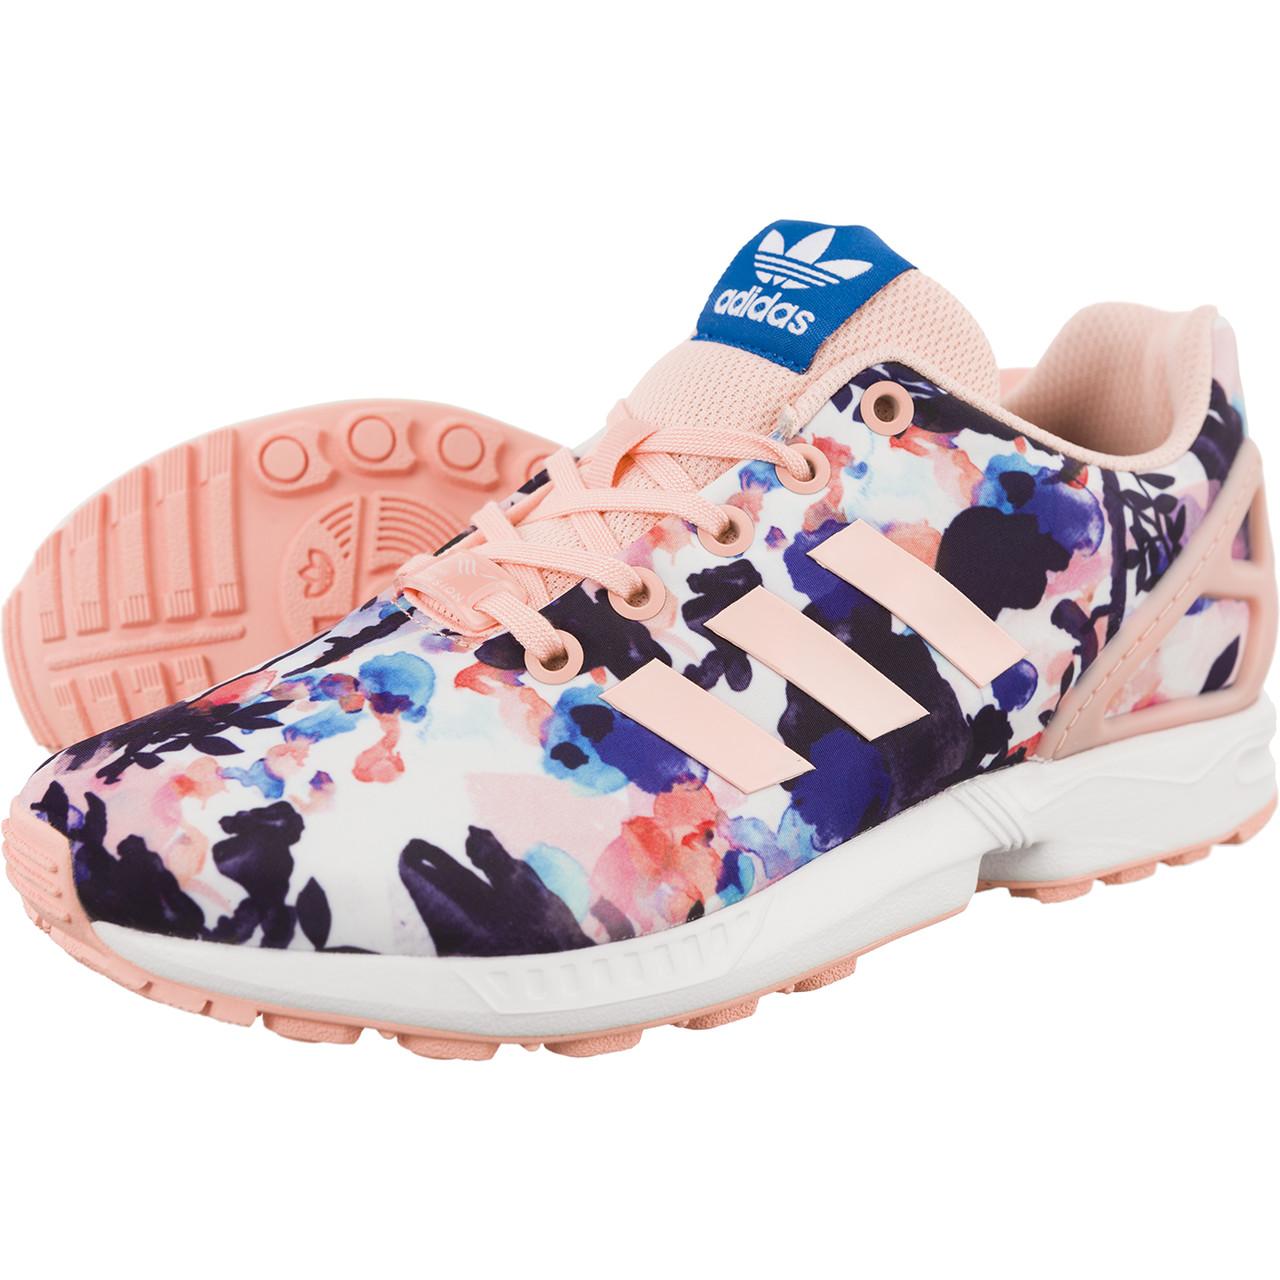 adidas zx flux damskie w kwiaty